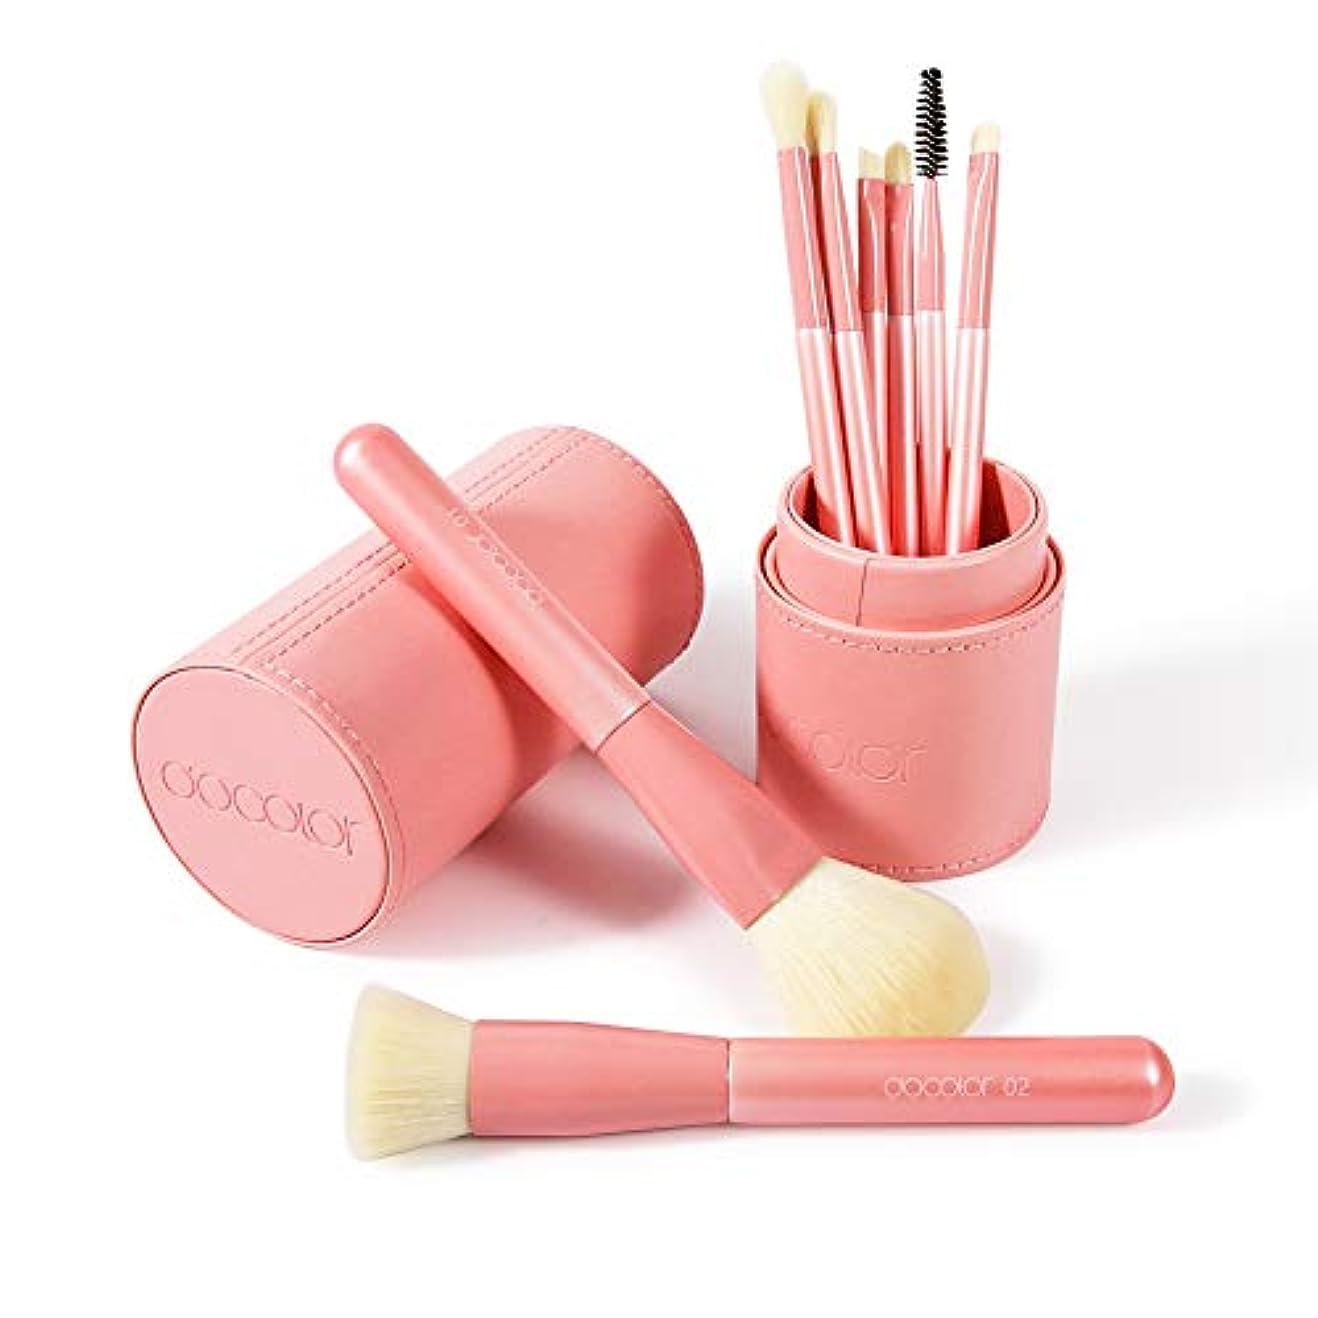 貴重な増幅器懐疑論Docolor ドゥカラー 化粧筆 メイクブラシ8本セット ホルダーケース付き  ピンク